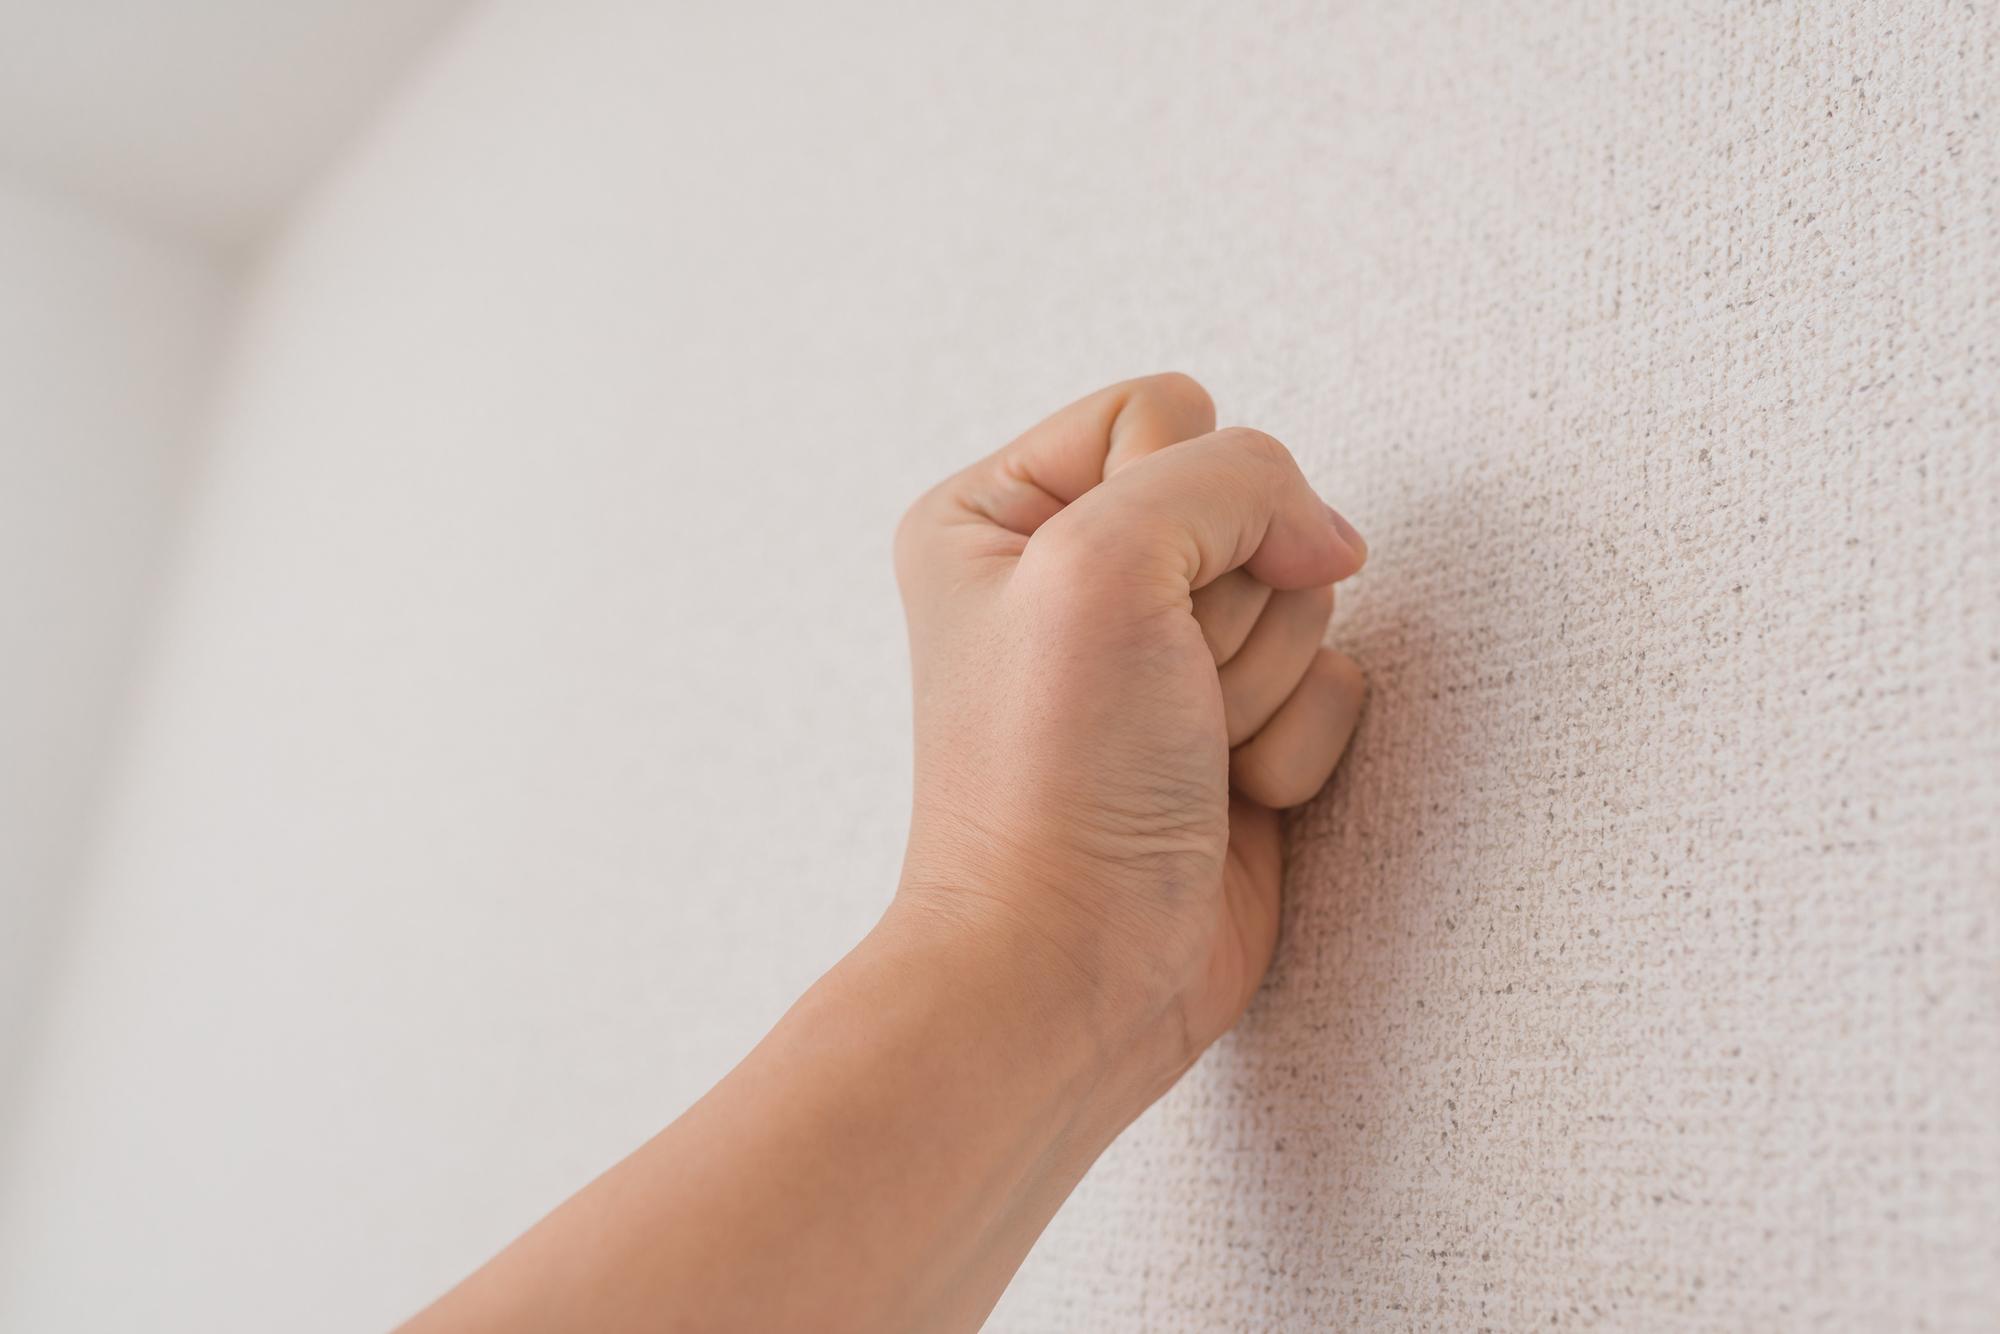 防音性が低い壁かどうかは軽く叩けばわかります。